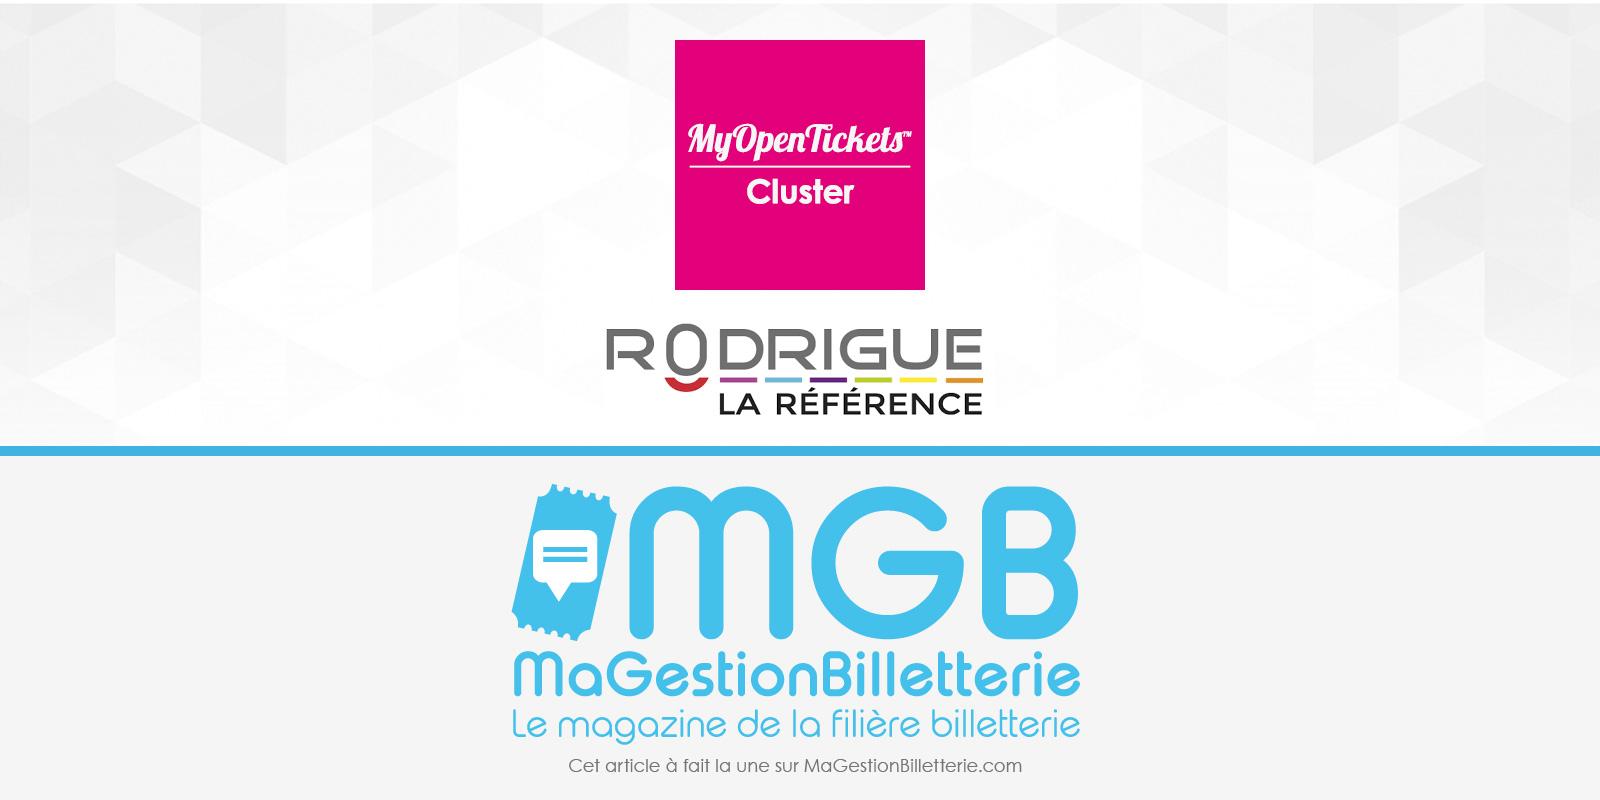 myopentickets-cluster-rodrigue-une6